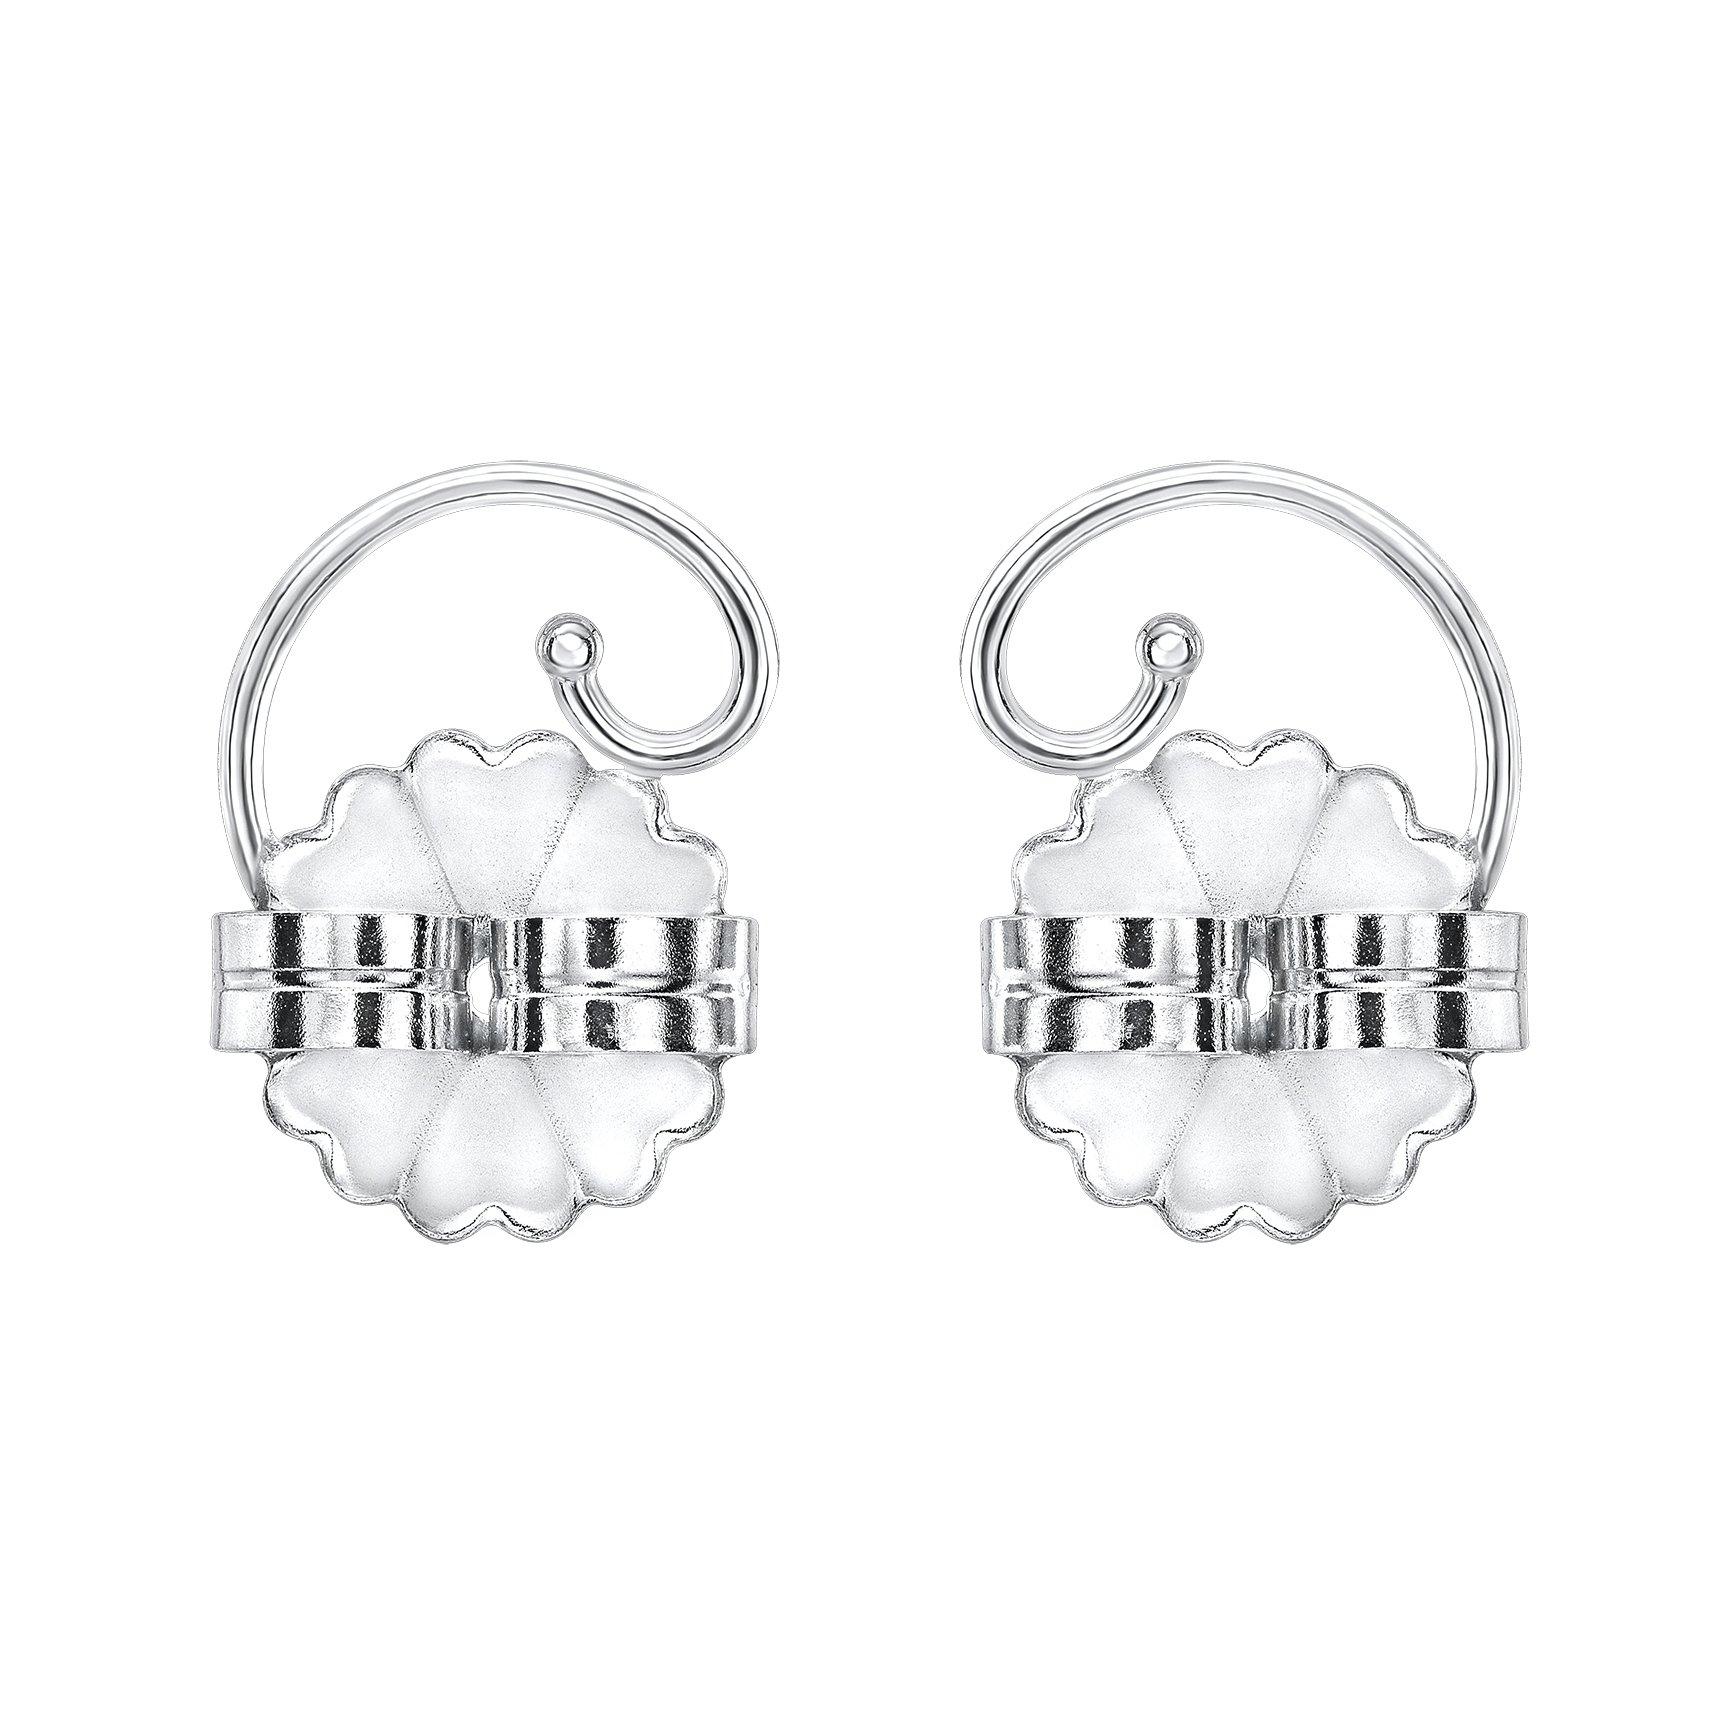 Levears 14K White Gold Pierced Ear Lobe Earring backs Lifts Support Post / Stud